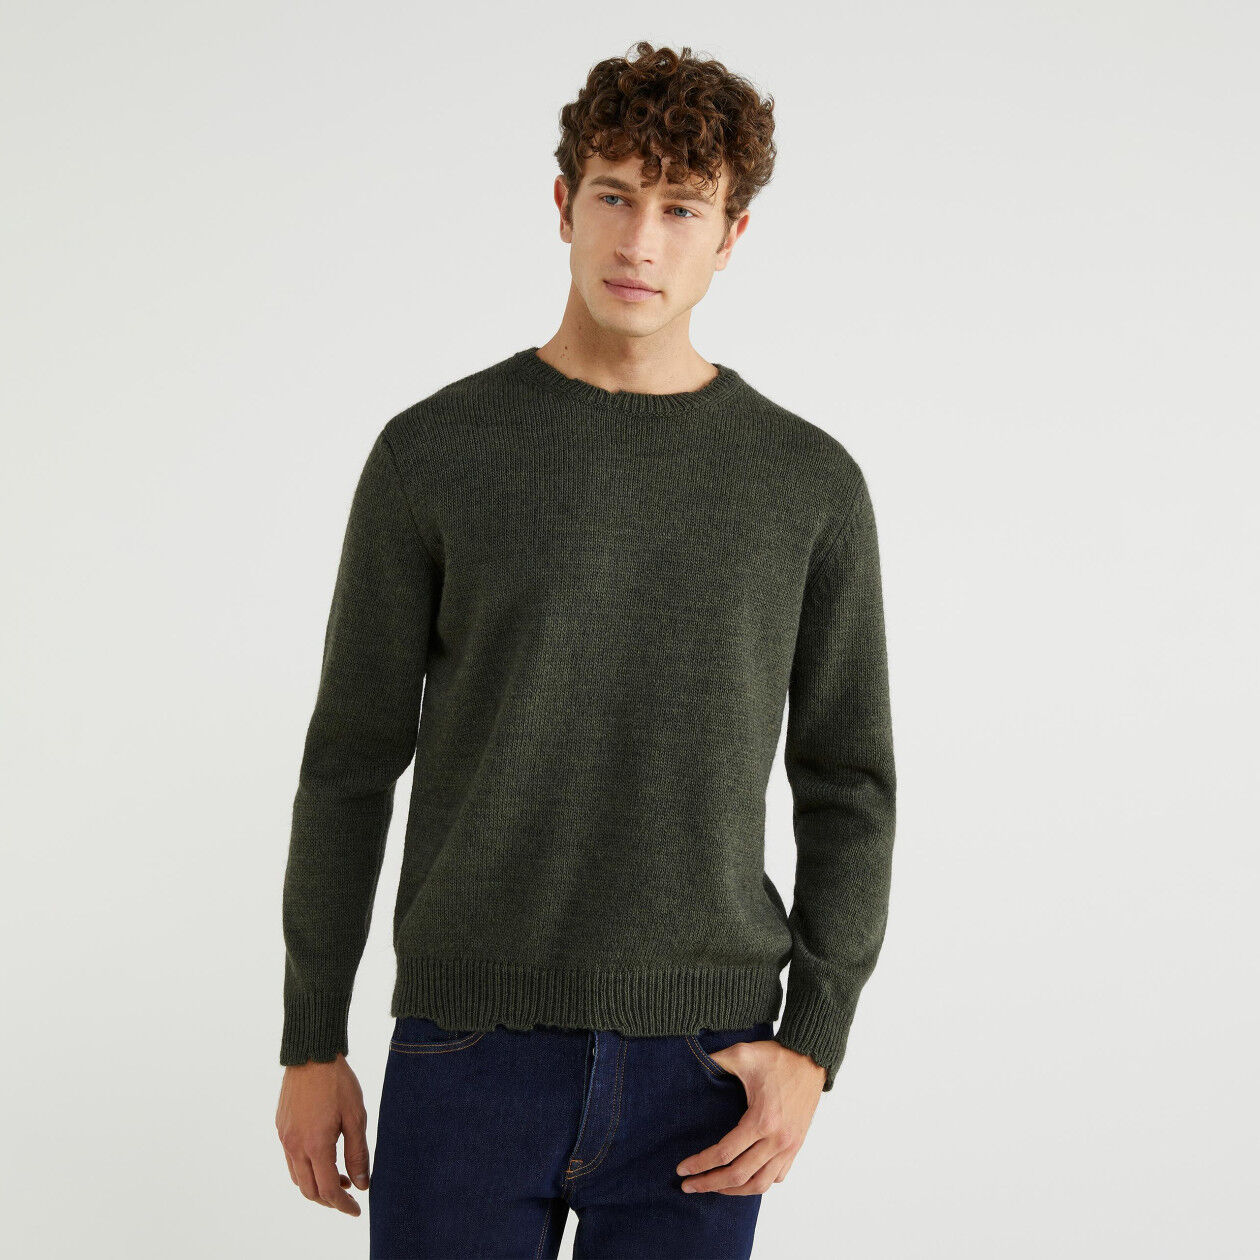 Alpaca blend sweater